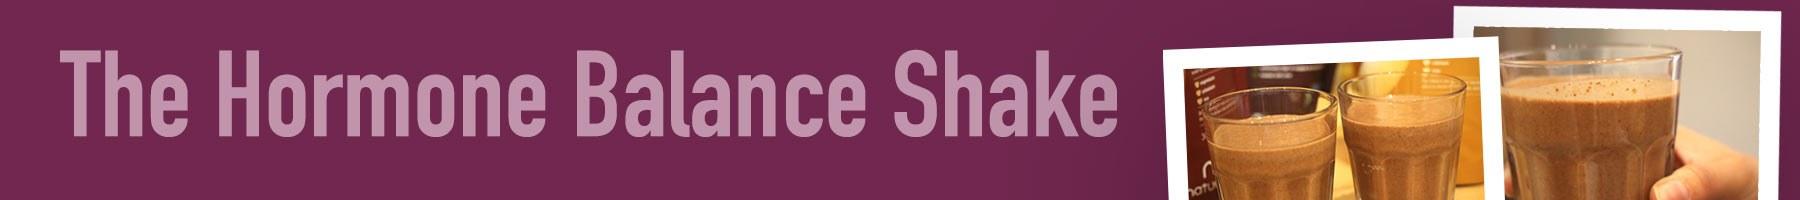 Shake-Banner-Hormone.jpg#asset:351